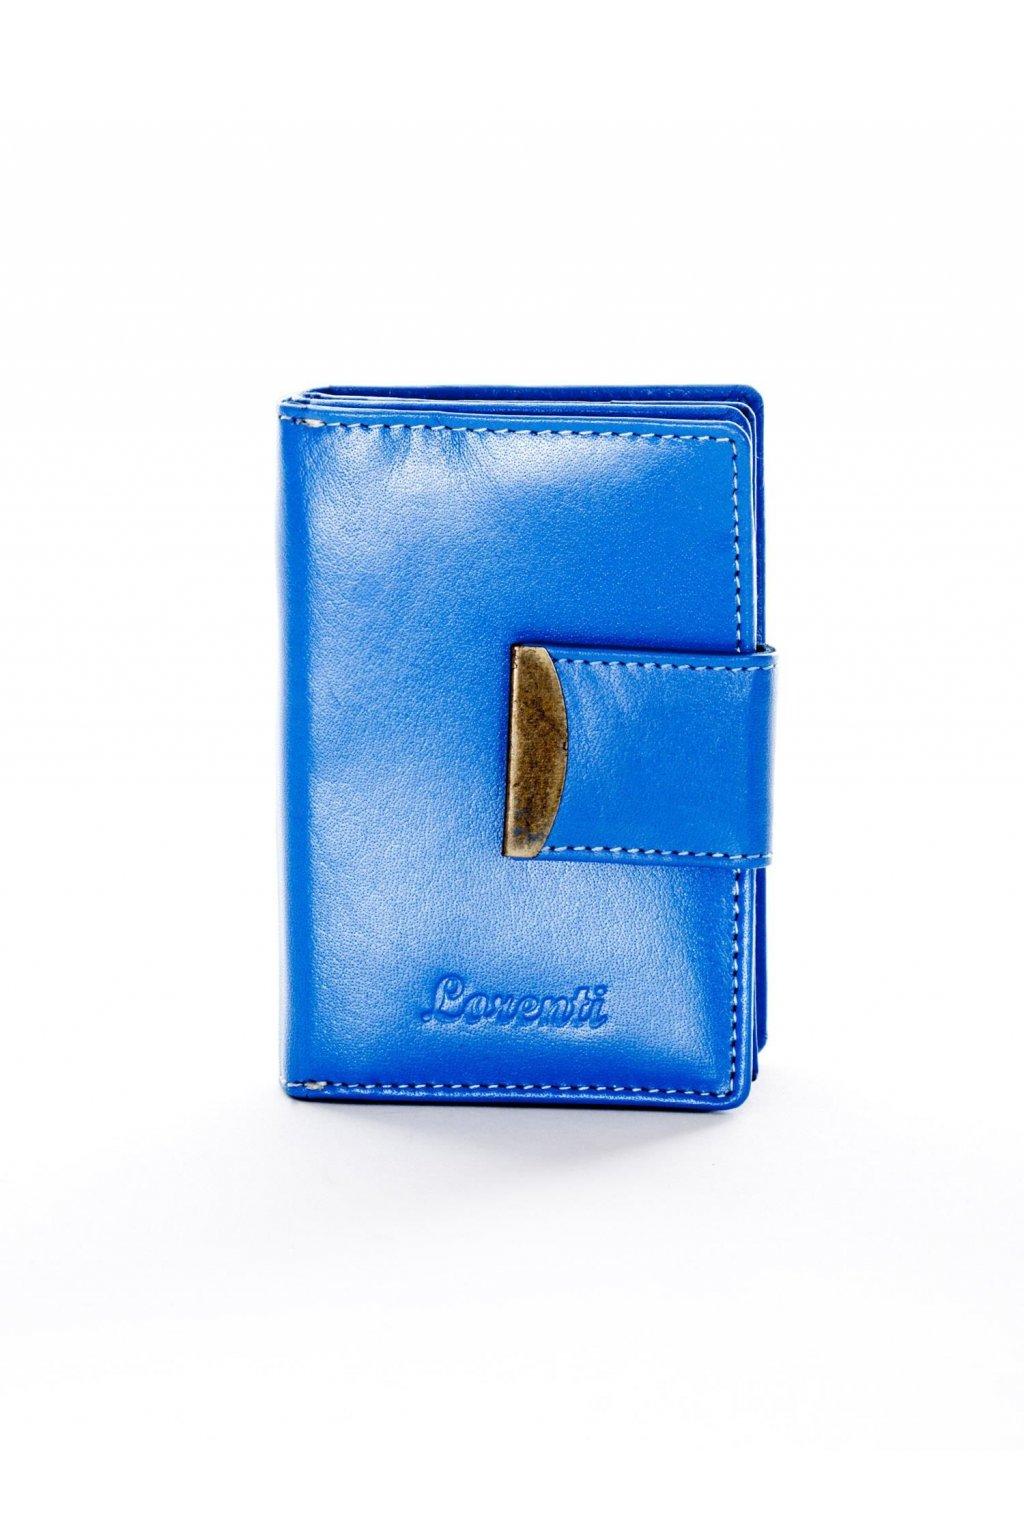 Peňaženka kód CE-PR-RD-04-BAL.73